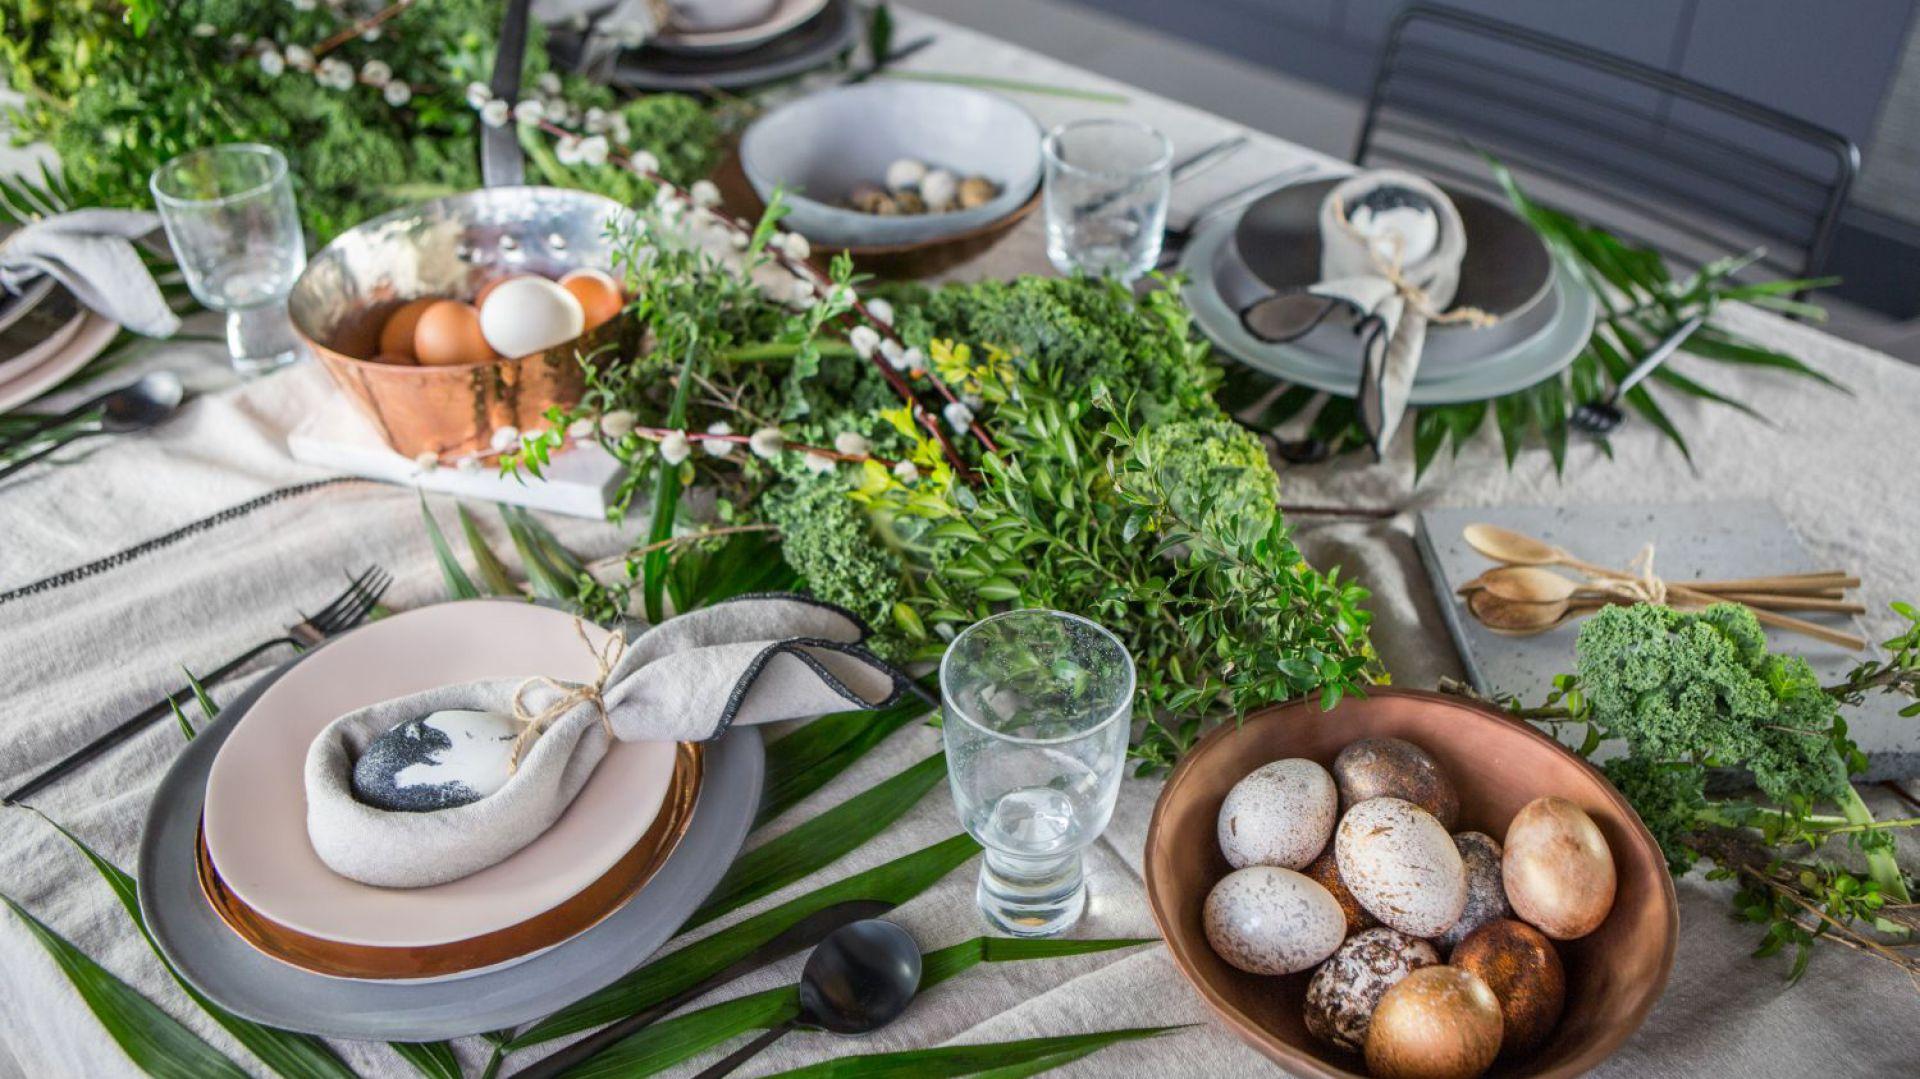 Wielkanocny stół w trzech odsłonach. Zdjęcia i stylizacja: Decoroom